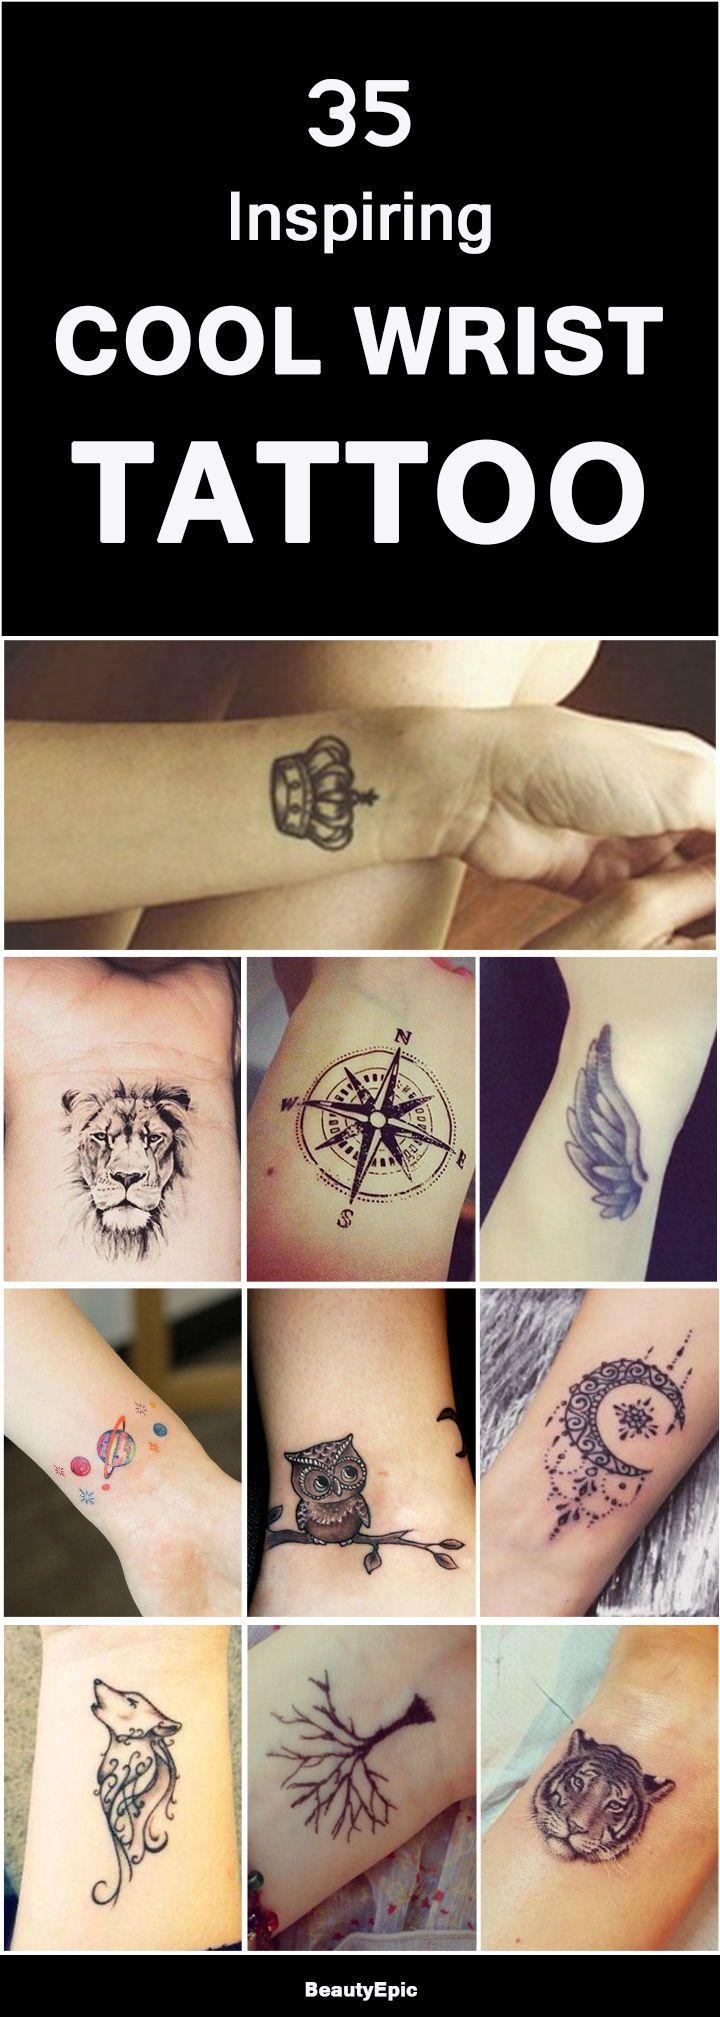 Wrist Tattoo Ideas Cool Wrist Tattoos Wrist Tattoos For Guys Tattoos For Guys